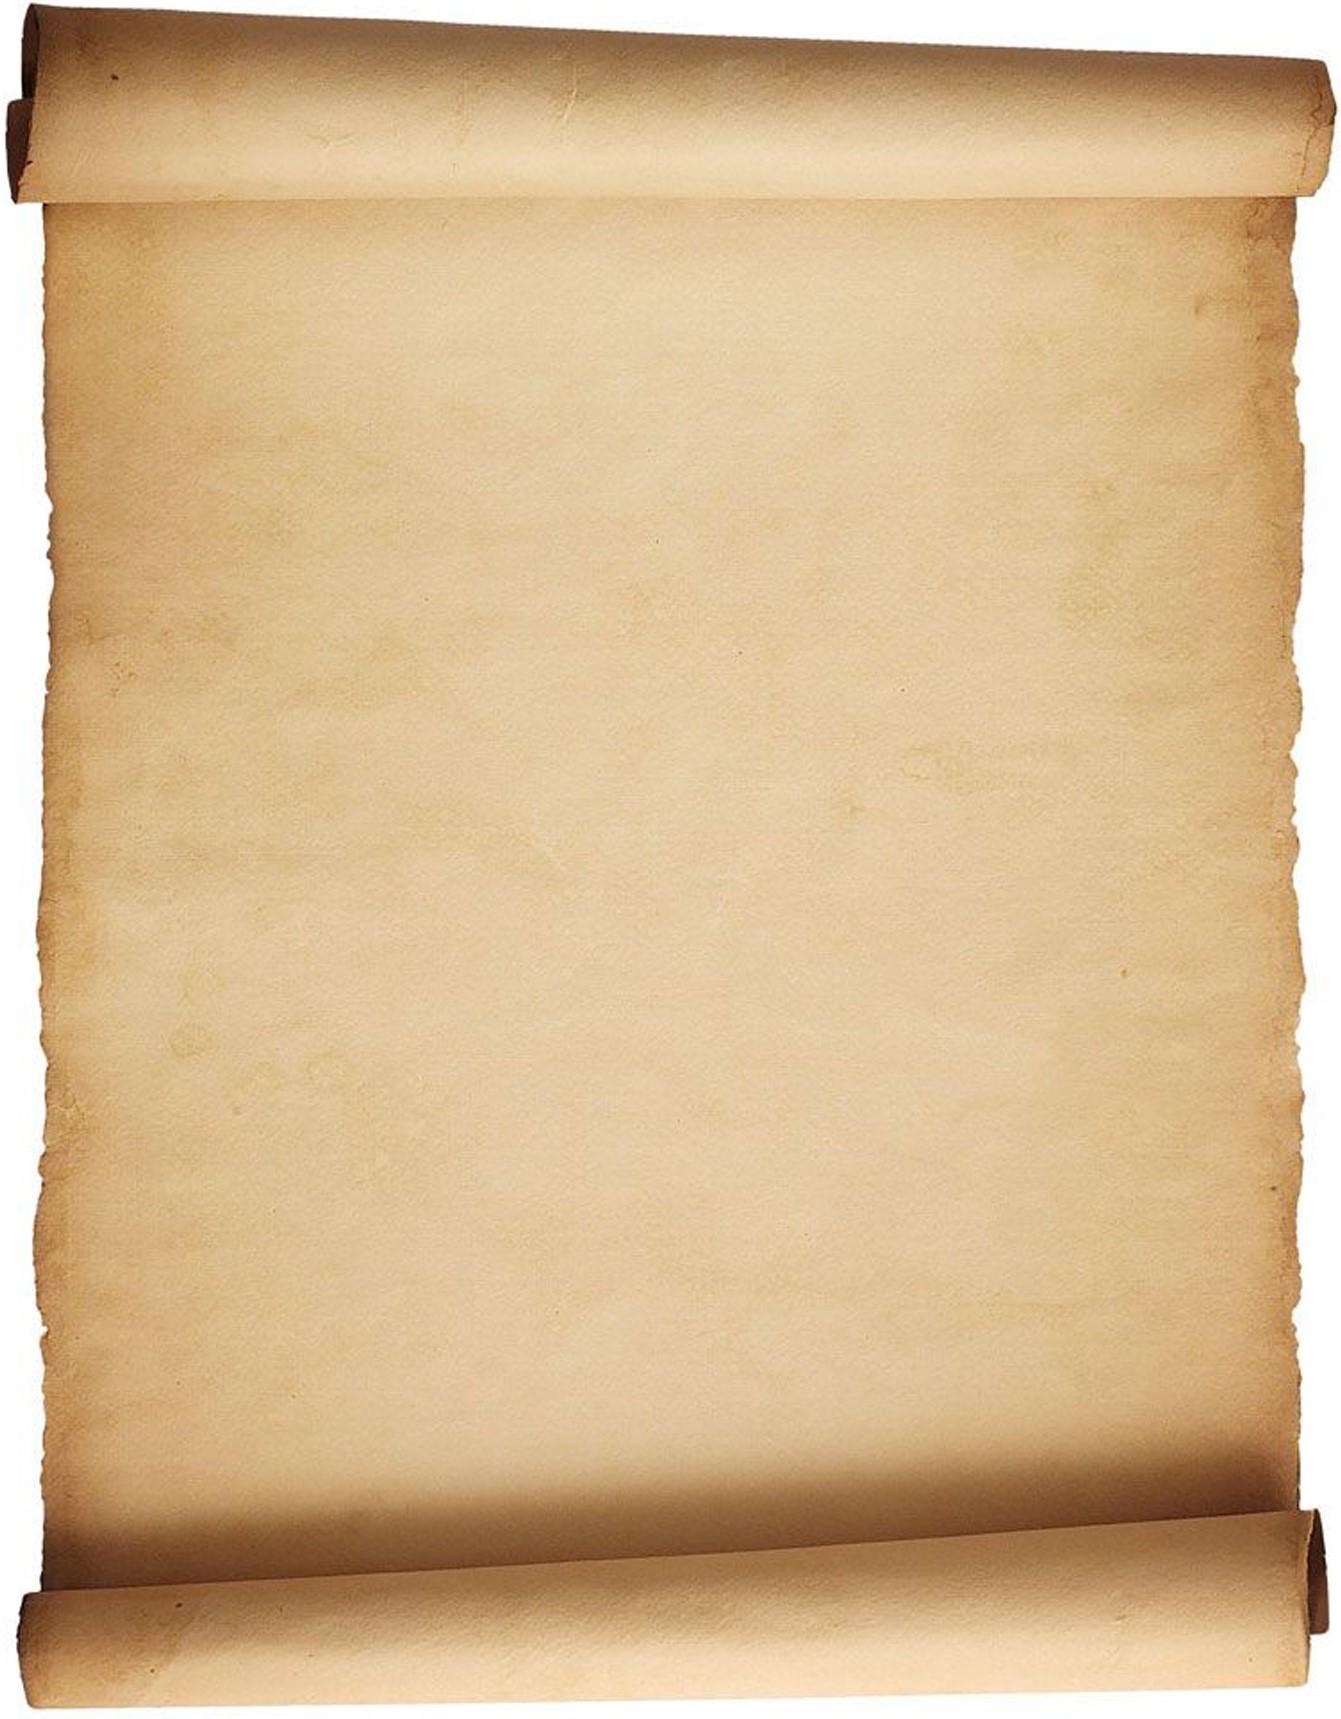 Blank Parchment Paper.